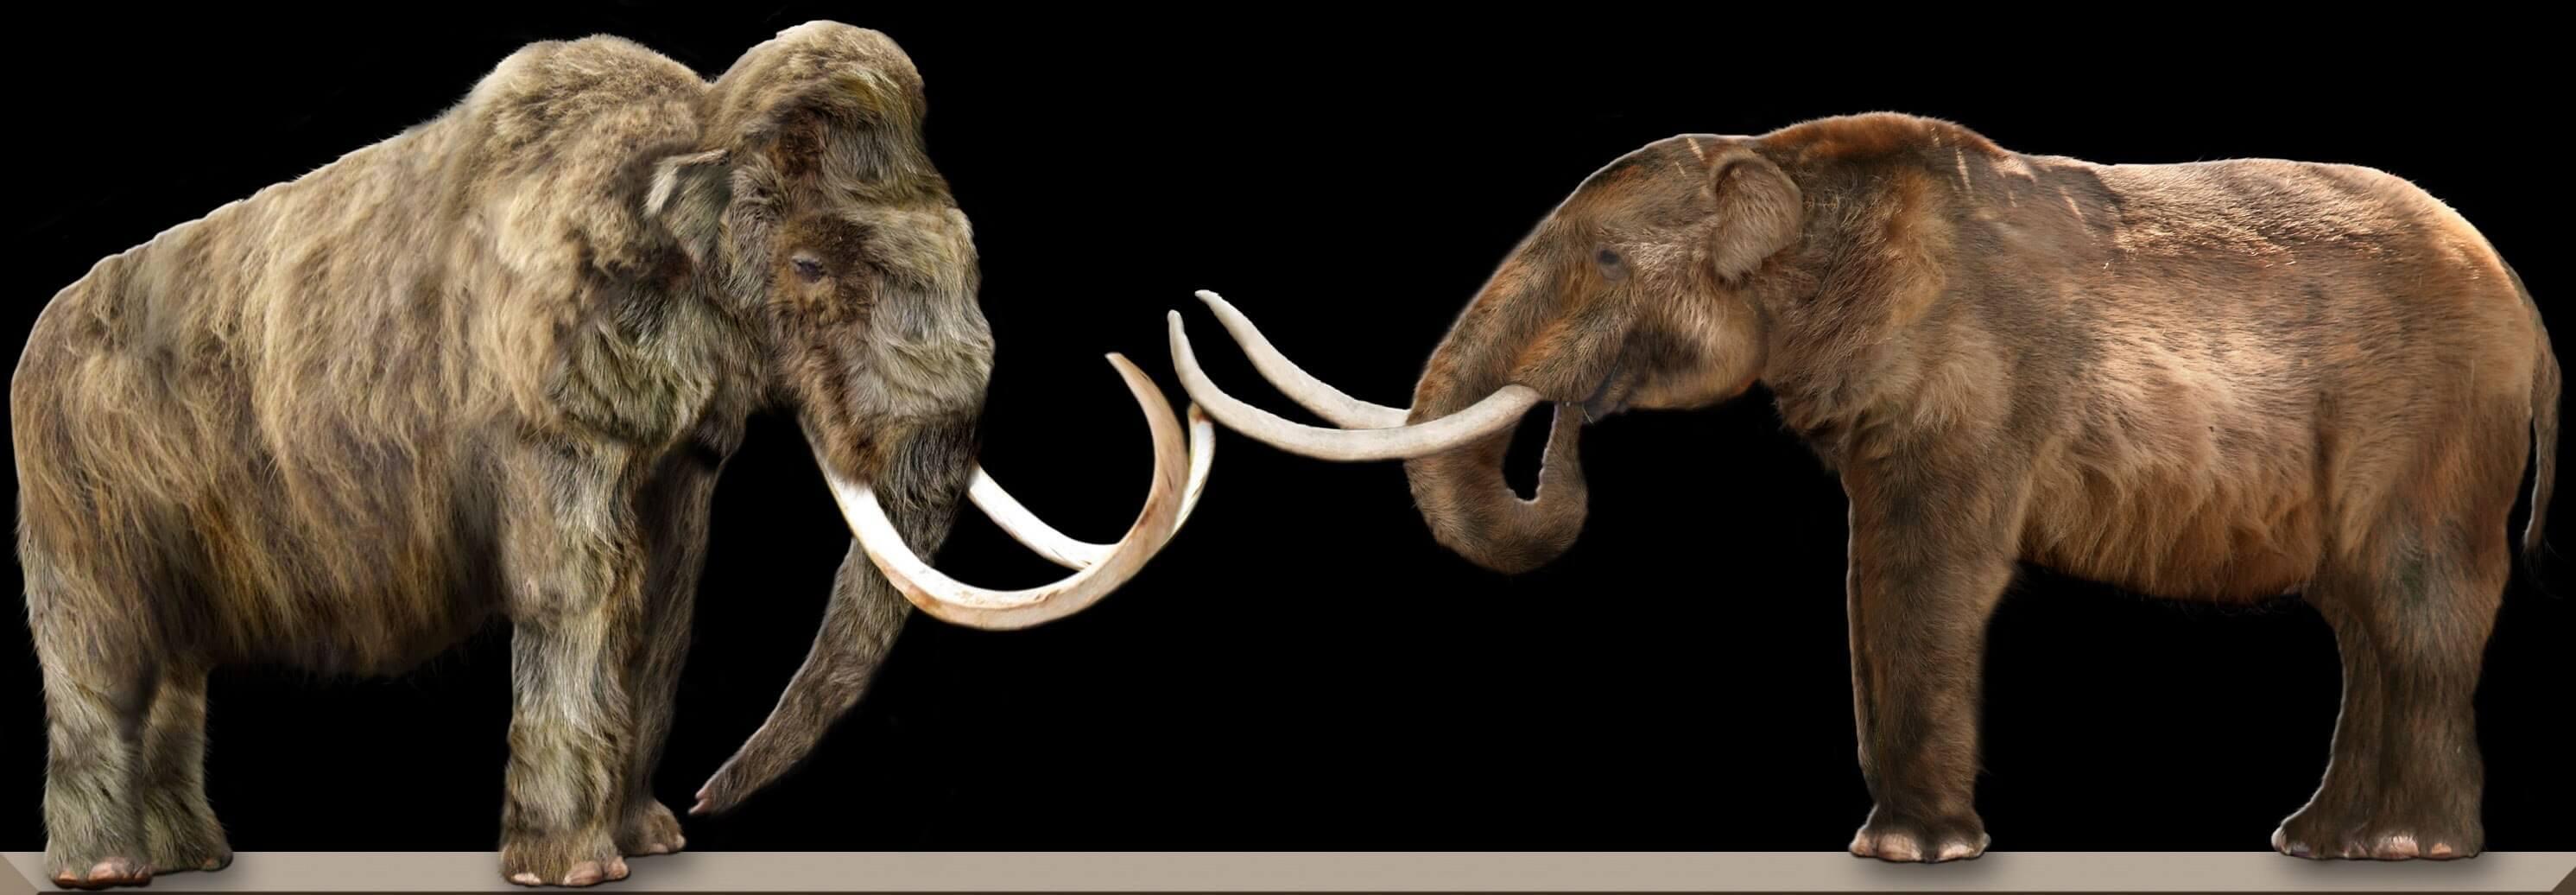 antepasados de los elefantes